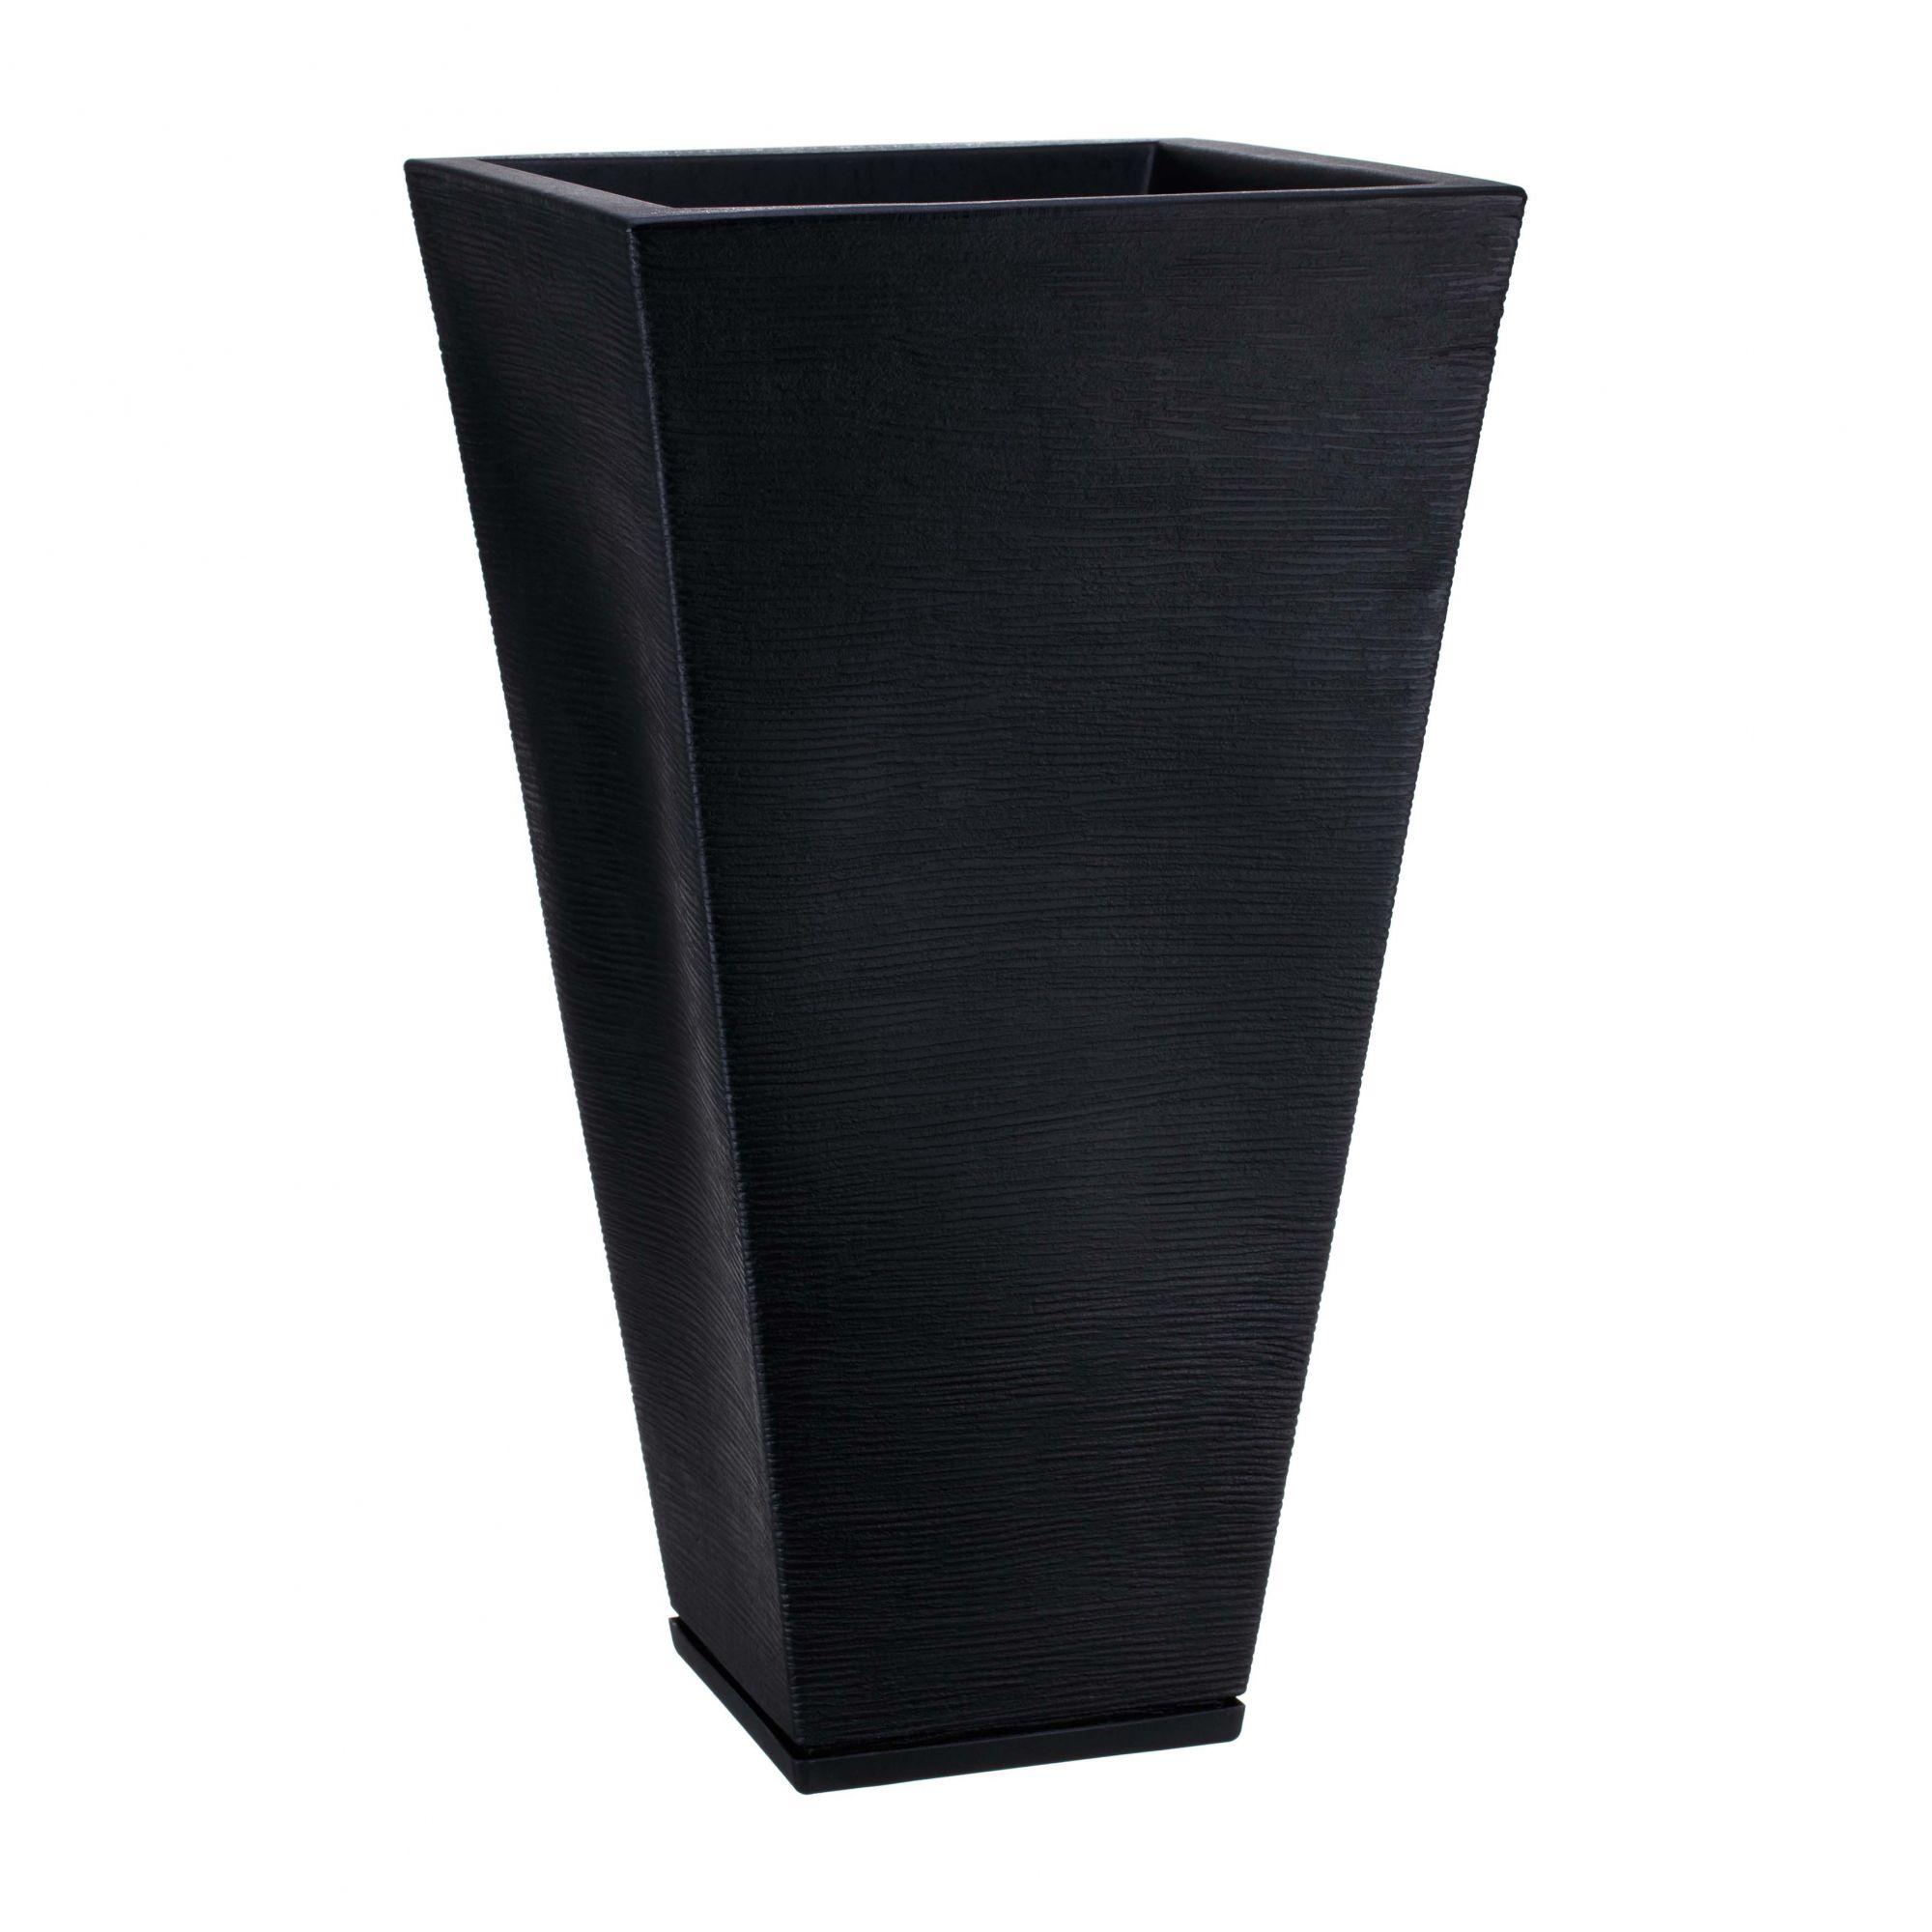 Vaso Zurique Grafiato Preto Sólido - 35cm x 74cm